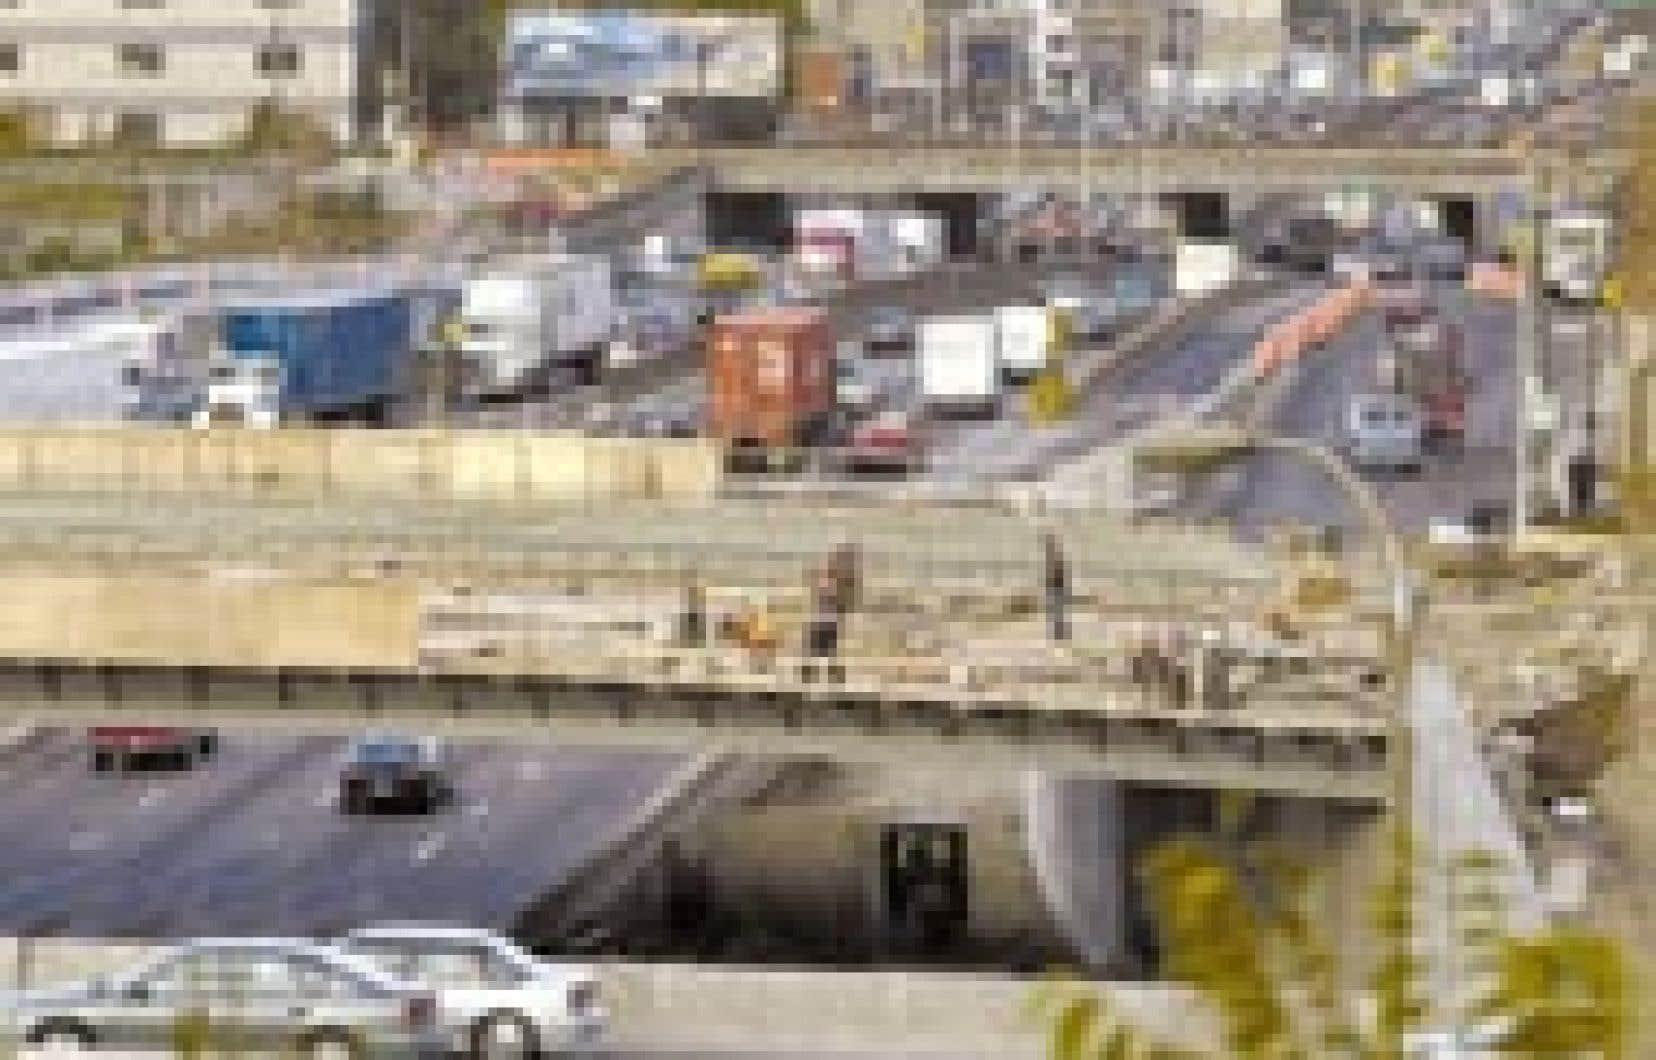 Le coût du projet du rond-point de l'Acadie devait être de 58 millions. Il se chiffre aujourd'hui à 82 millions et les services municipaux s'attendent à ce que la facture finale avoisine les 100 millions.